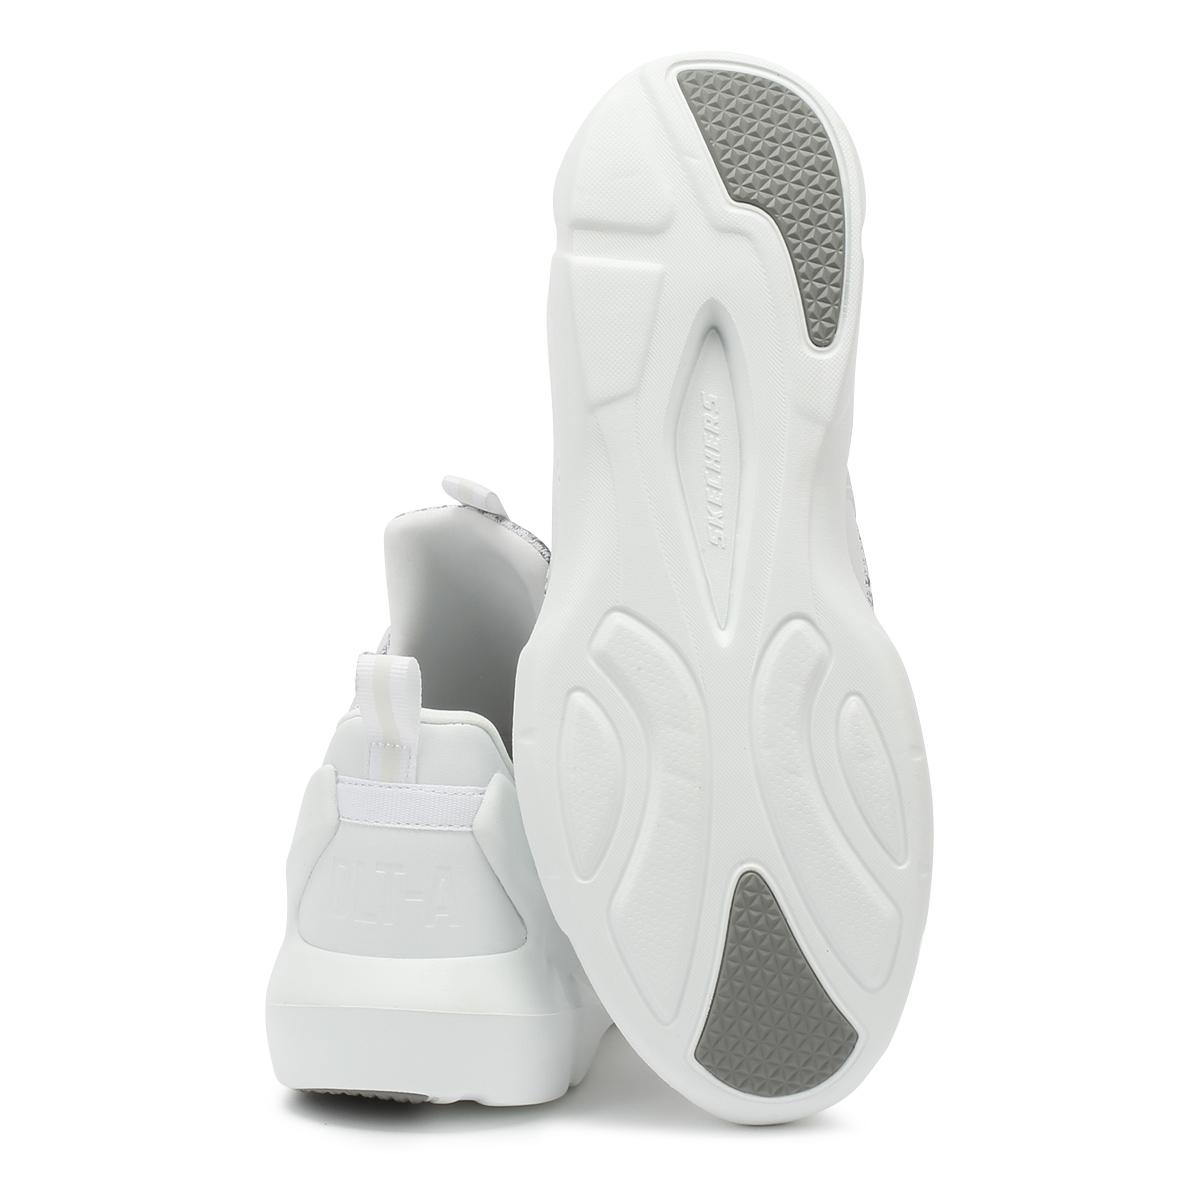 Skechers Hombre Entrenadores Blanco - Gris d'lites - Blanco un cuero zapatos deportivos informales de Malla & 5f44d0